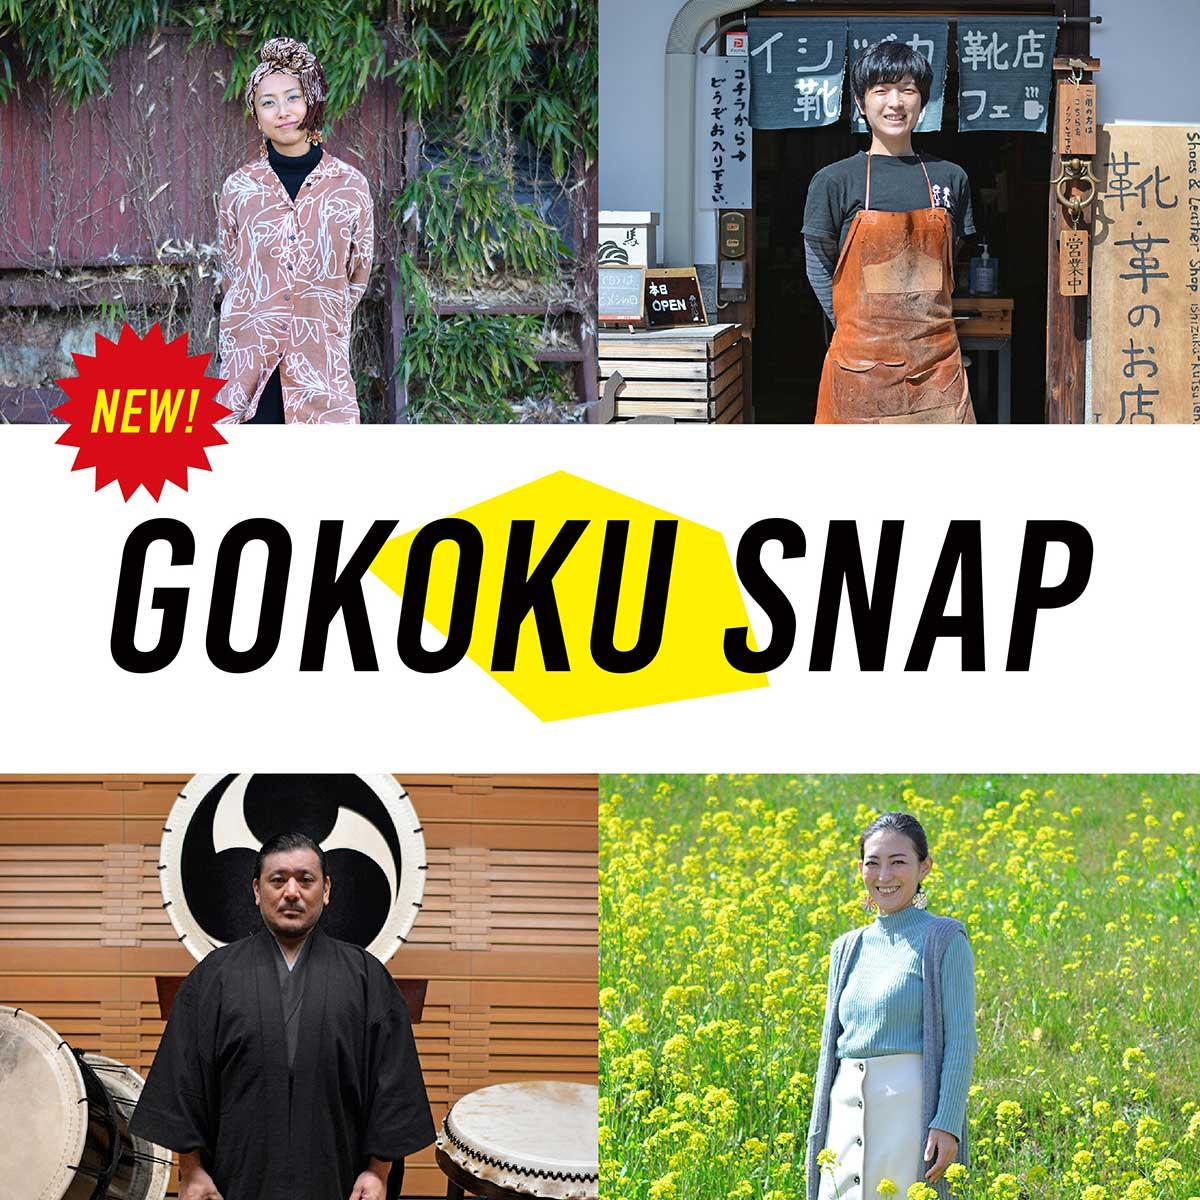 GOKOKU SNAP